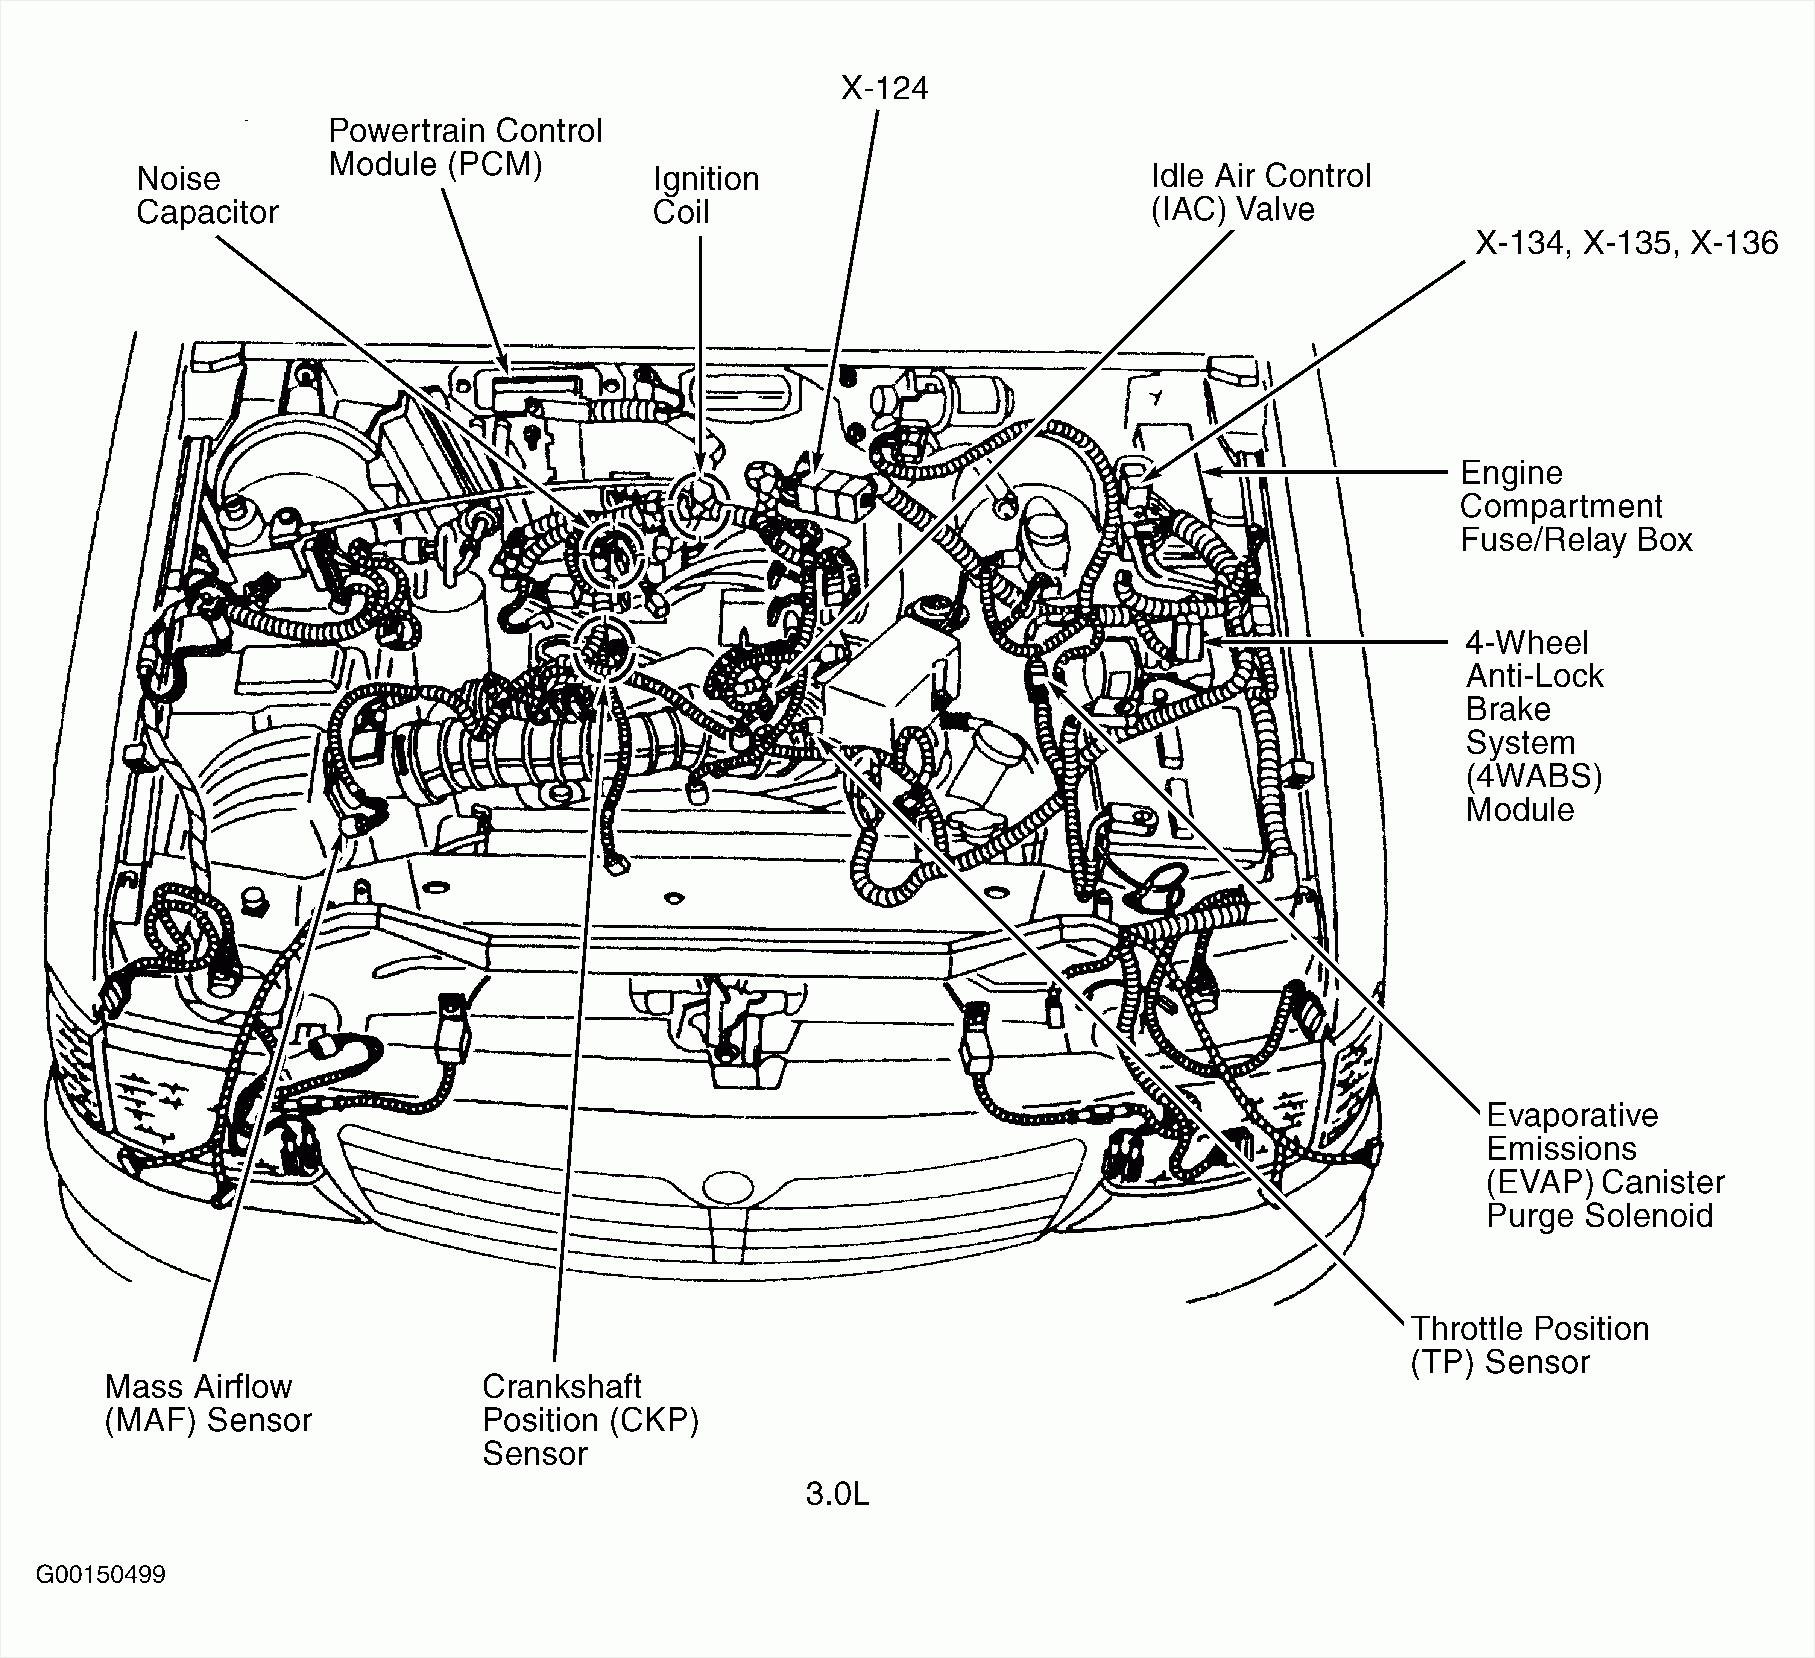 Toyota 4runner Engine Diagram 97 4runner Starter Wiring Diagram Schema Wiring Diagram Of Toyota 4runner Engine Diagram toyota Engine Schematics Wiring Diagram Paper